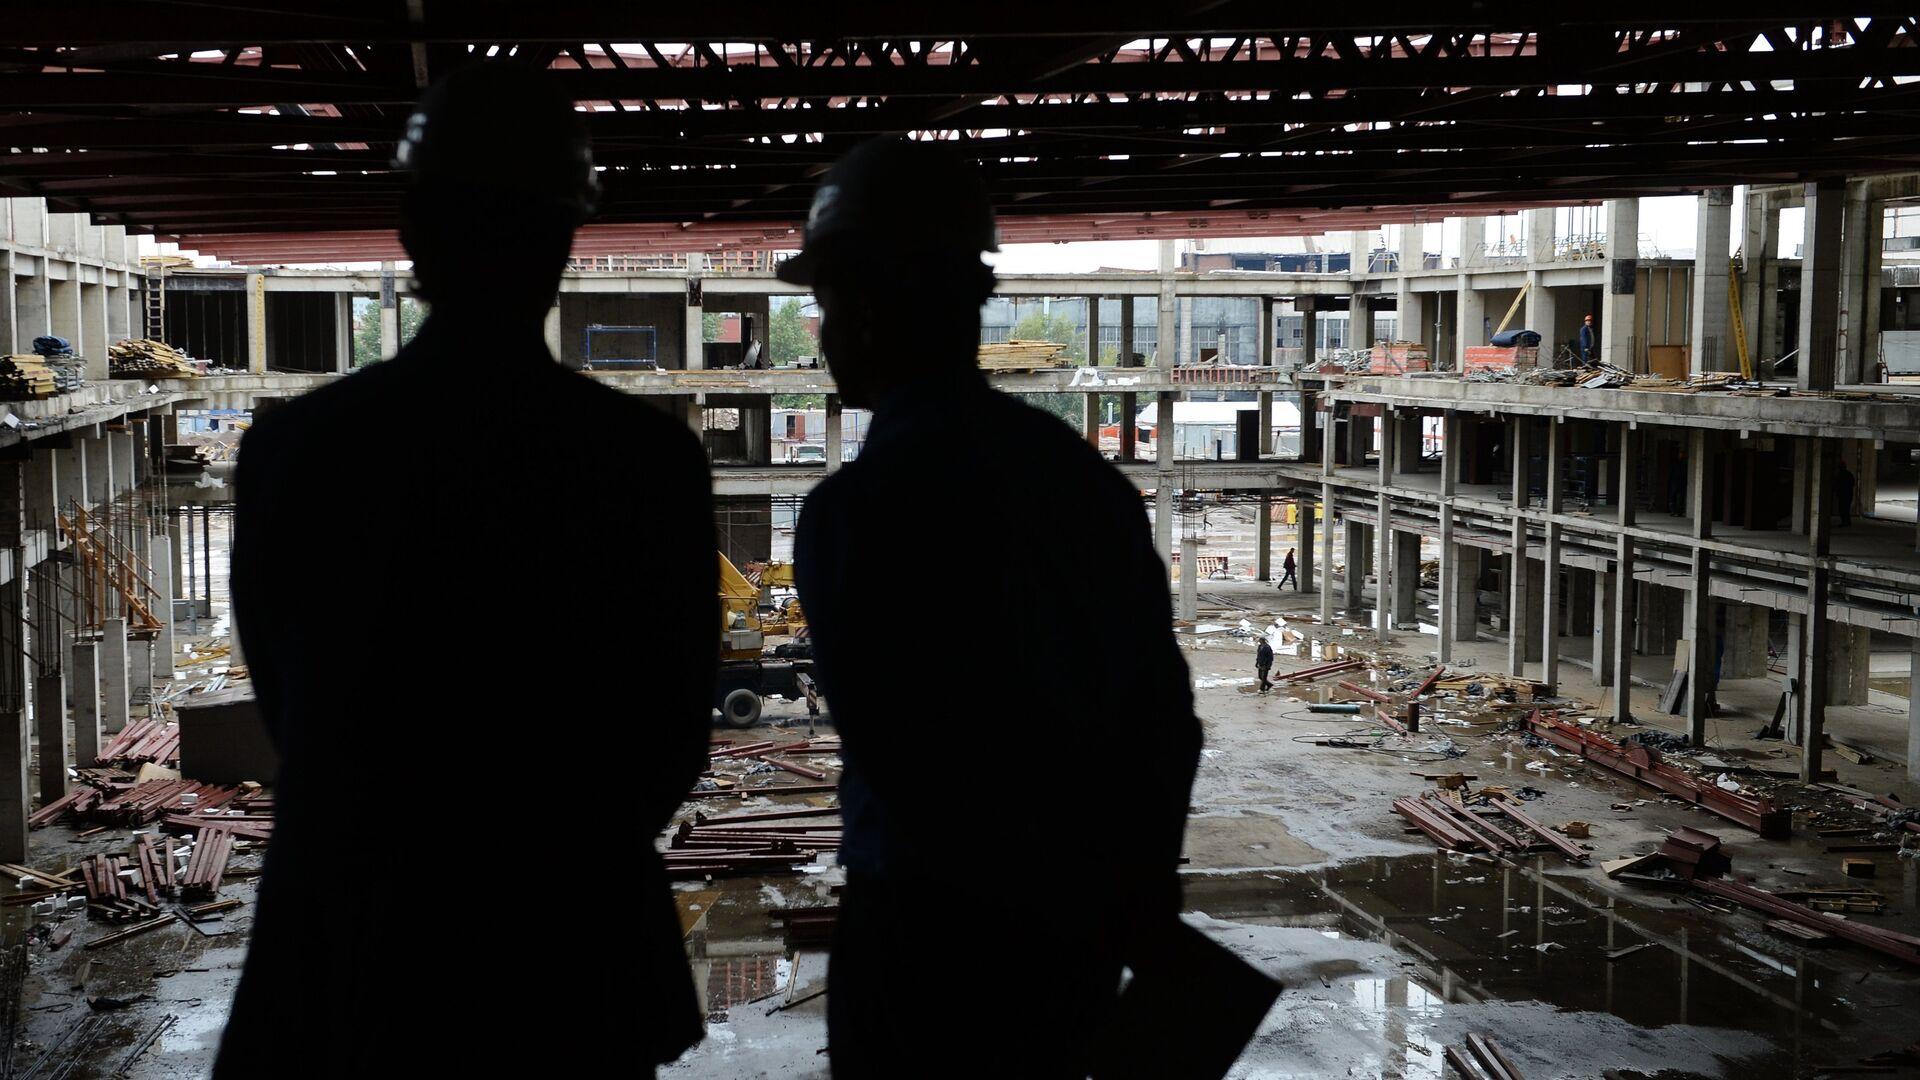 Рабочие на строительной площадке  - РИА Новости, 1920, 01.09.2021